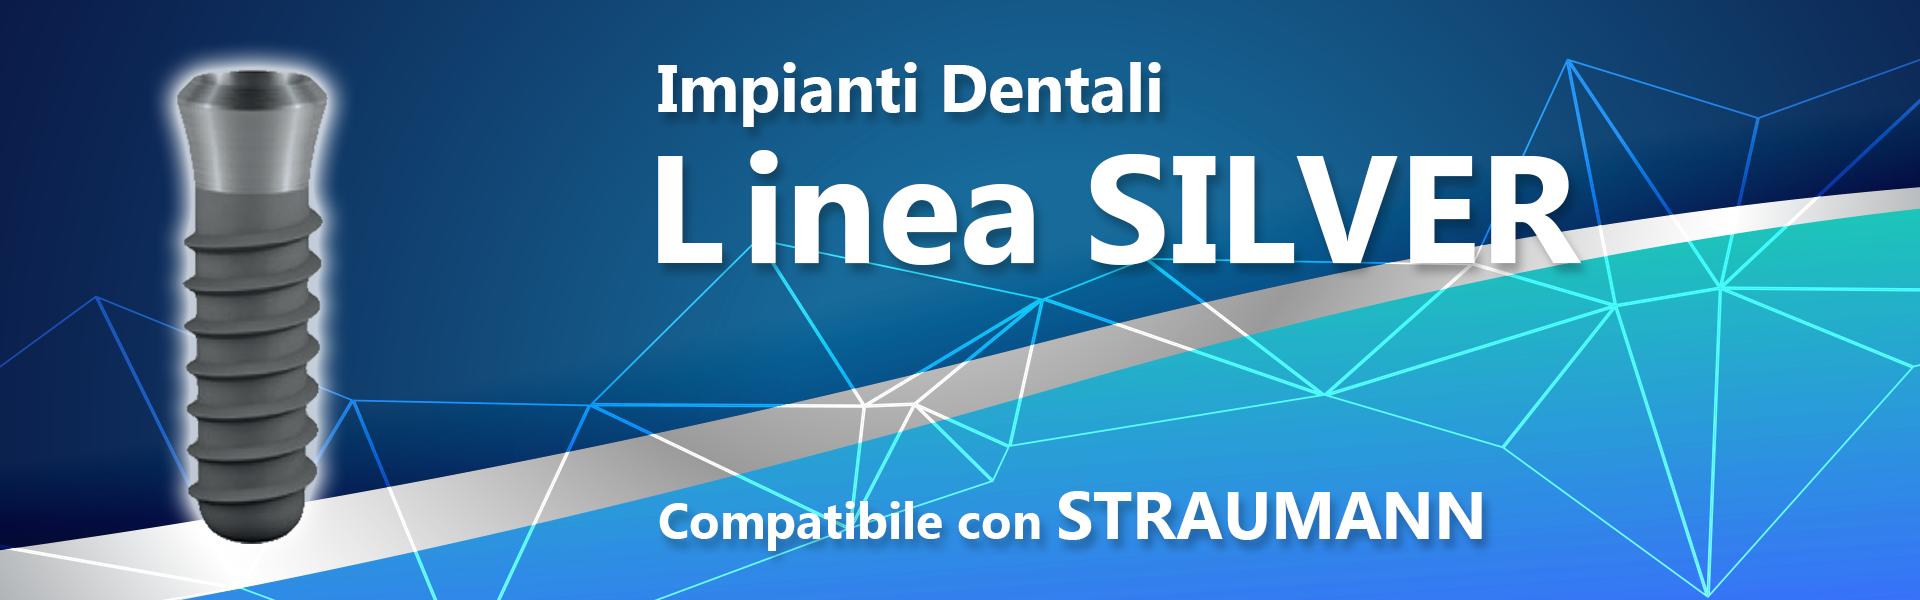 Linea SILVER (compatibile con STRAUMANN)